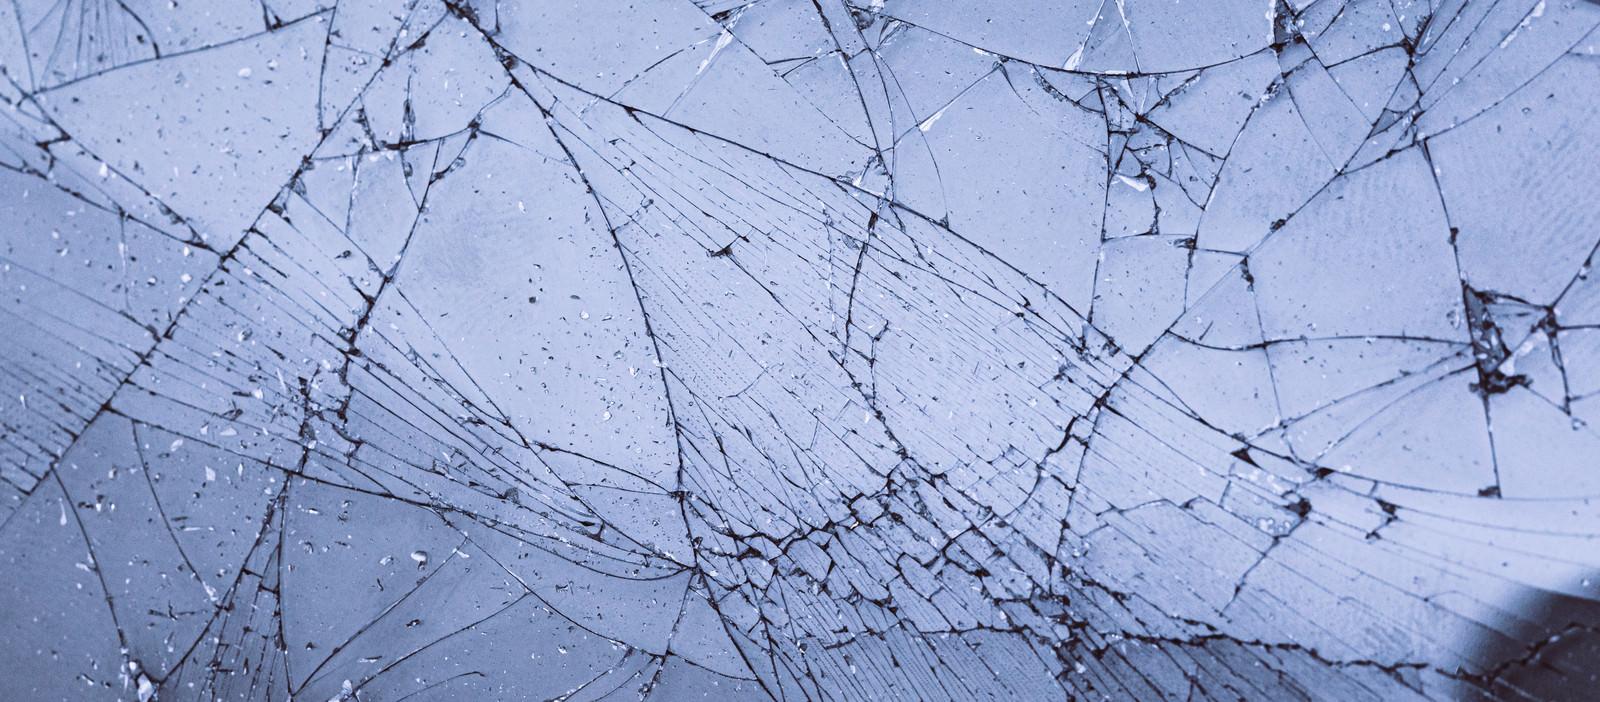 「ひび割れしたガラス」の写真